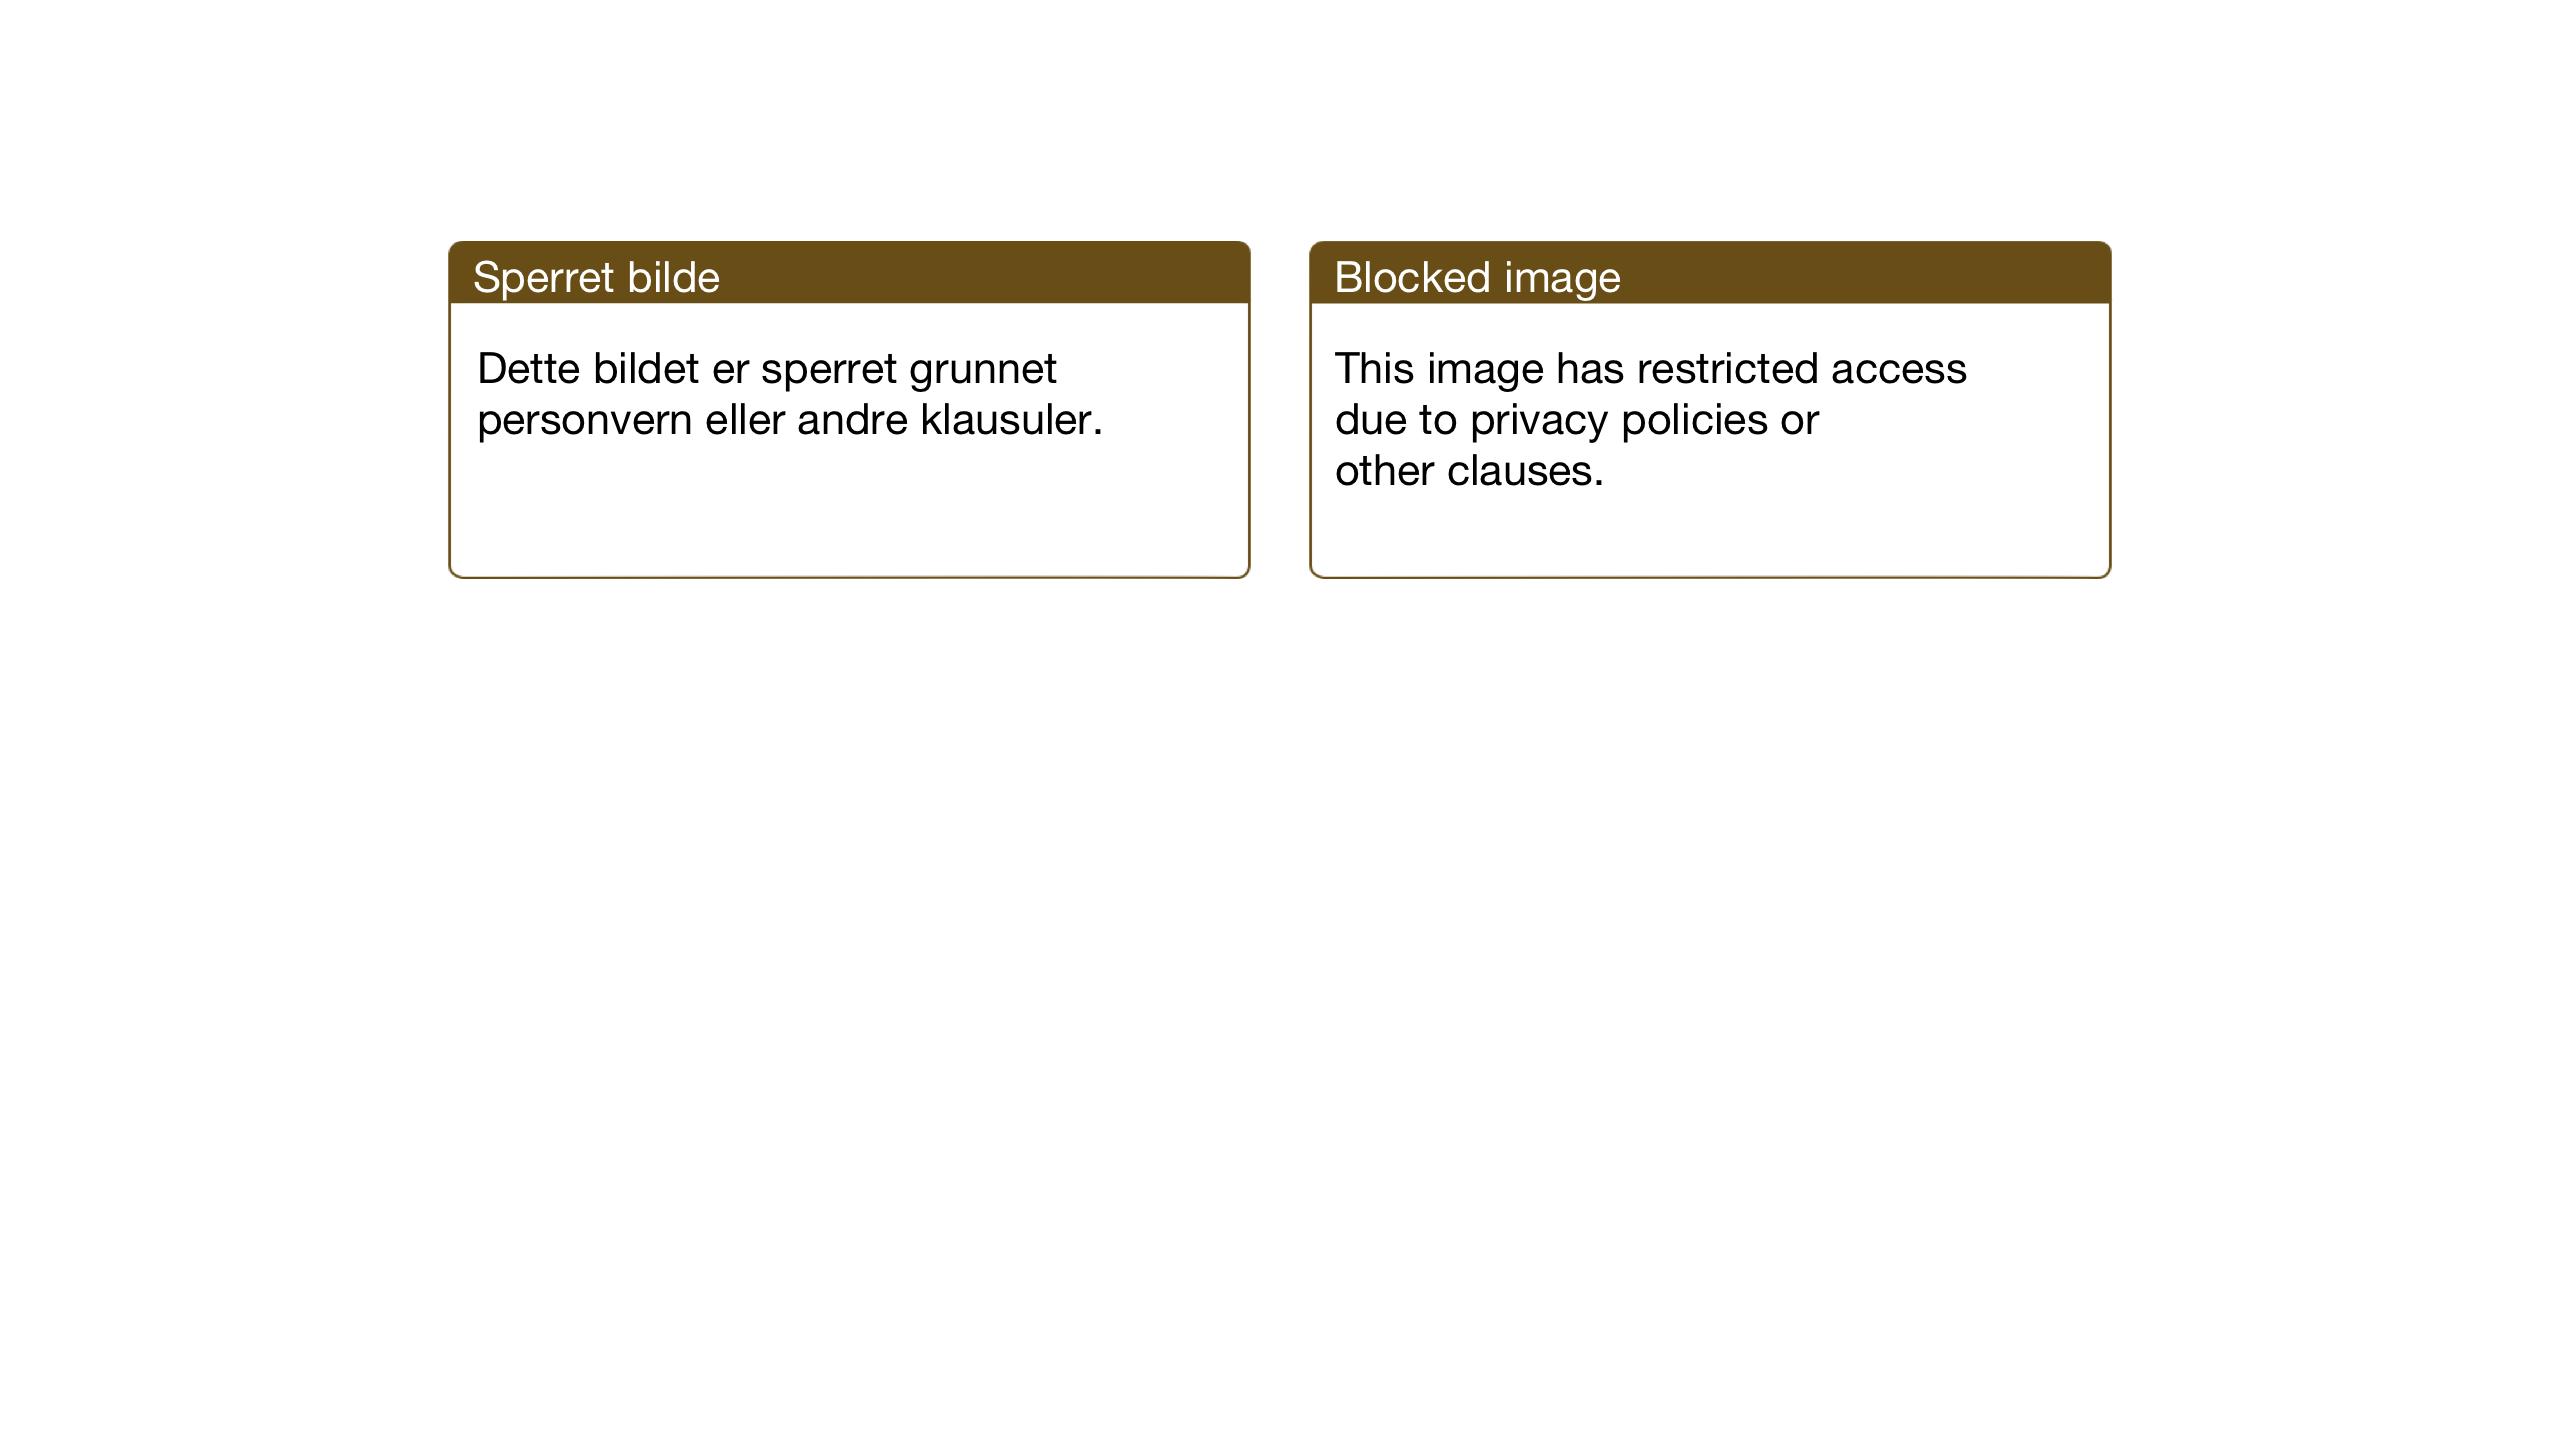 SAT, Ministerialprotokoller, klokkerbøker og fødselsregistre - Sør-Trøndelag, 674/L0877: Klokkerbok nr. 674C04, 1913-1940, s. 86